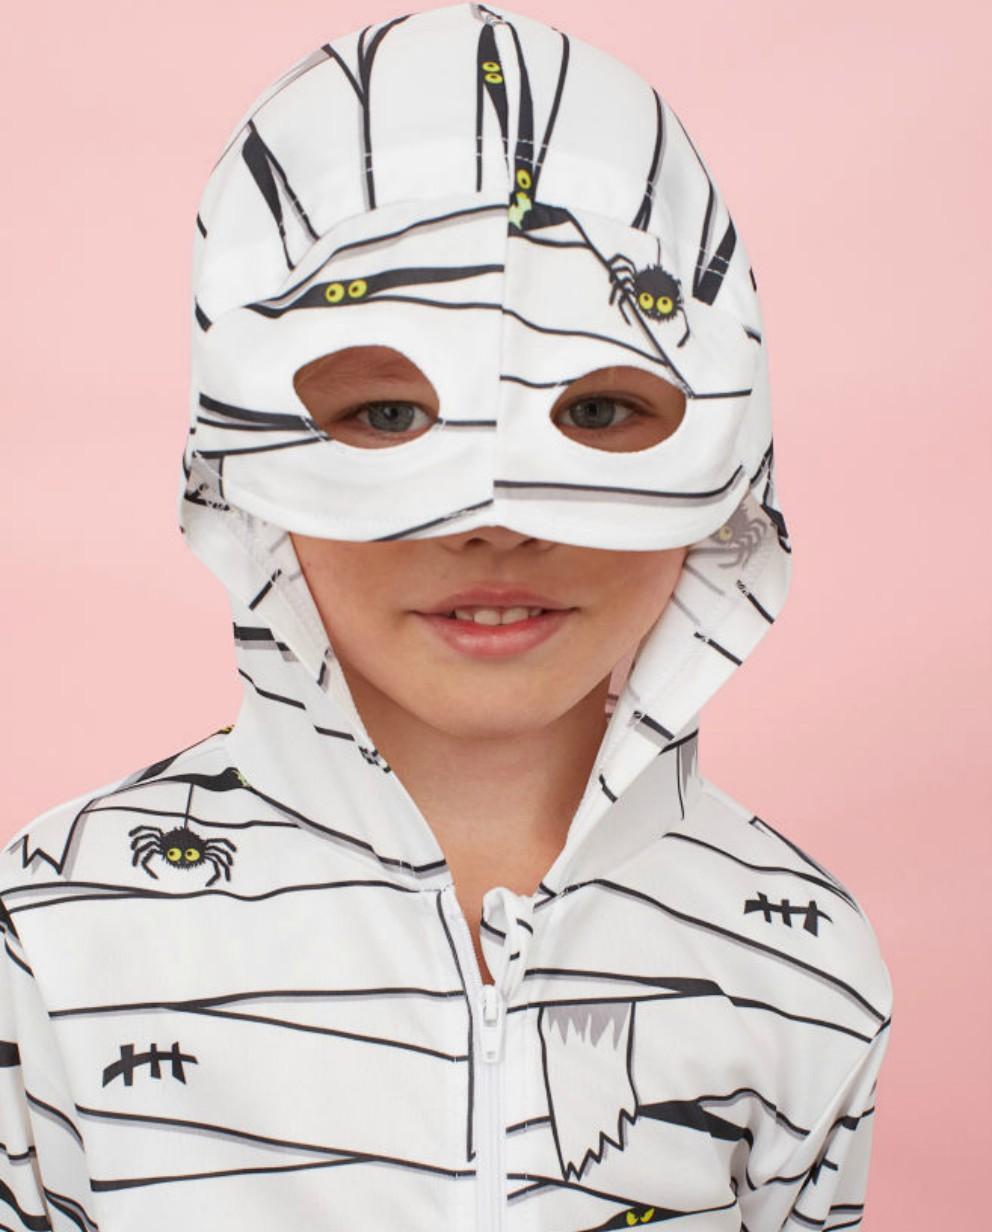 disfraces de niño para Halloween 2018